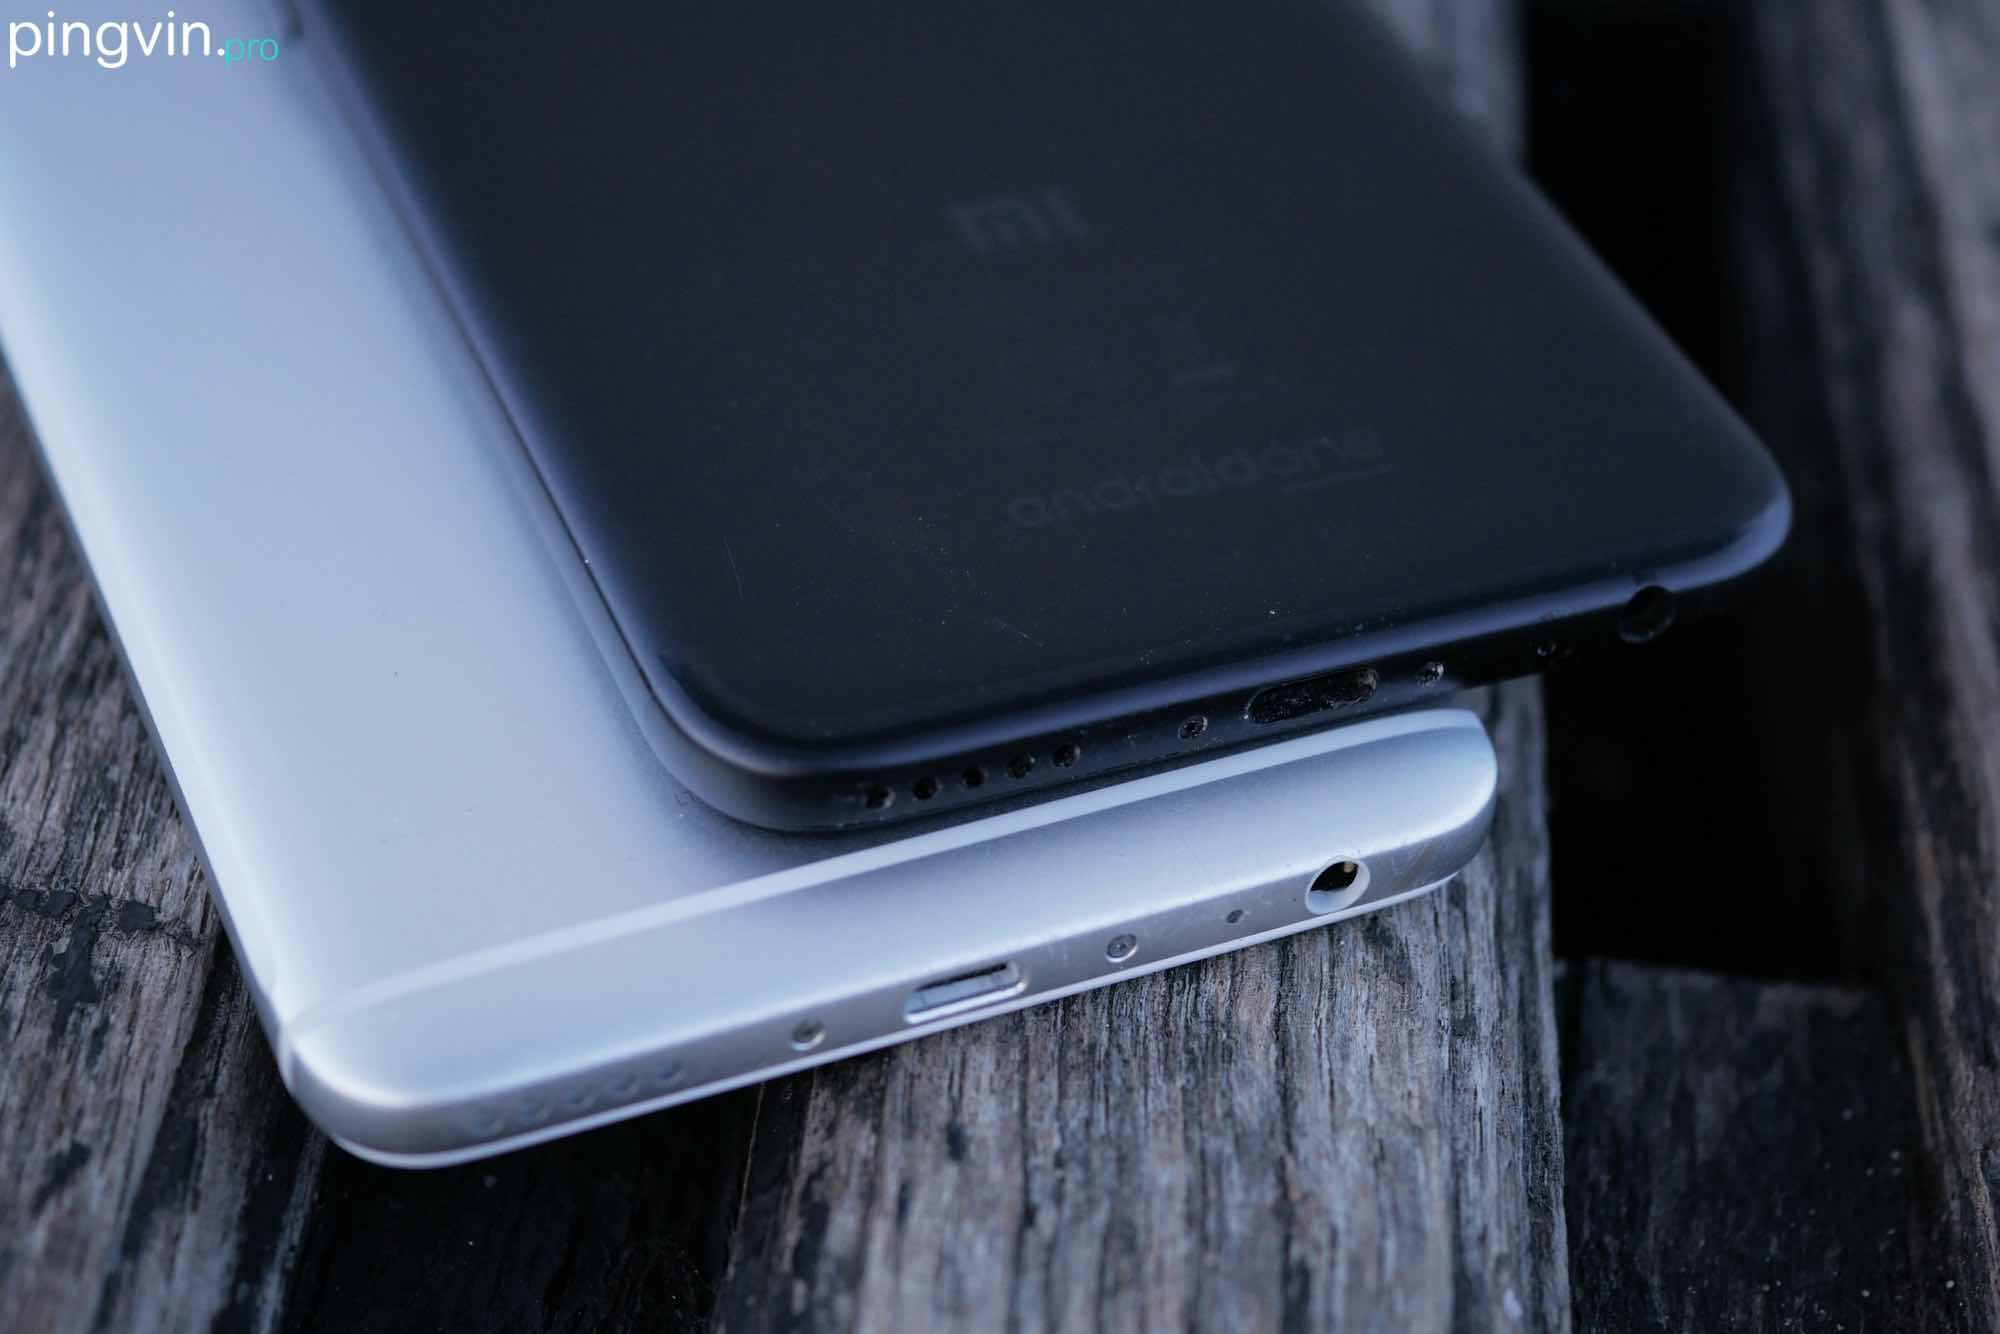 Xiaomi Mi A1 vs Meizu M6 Note